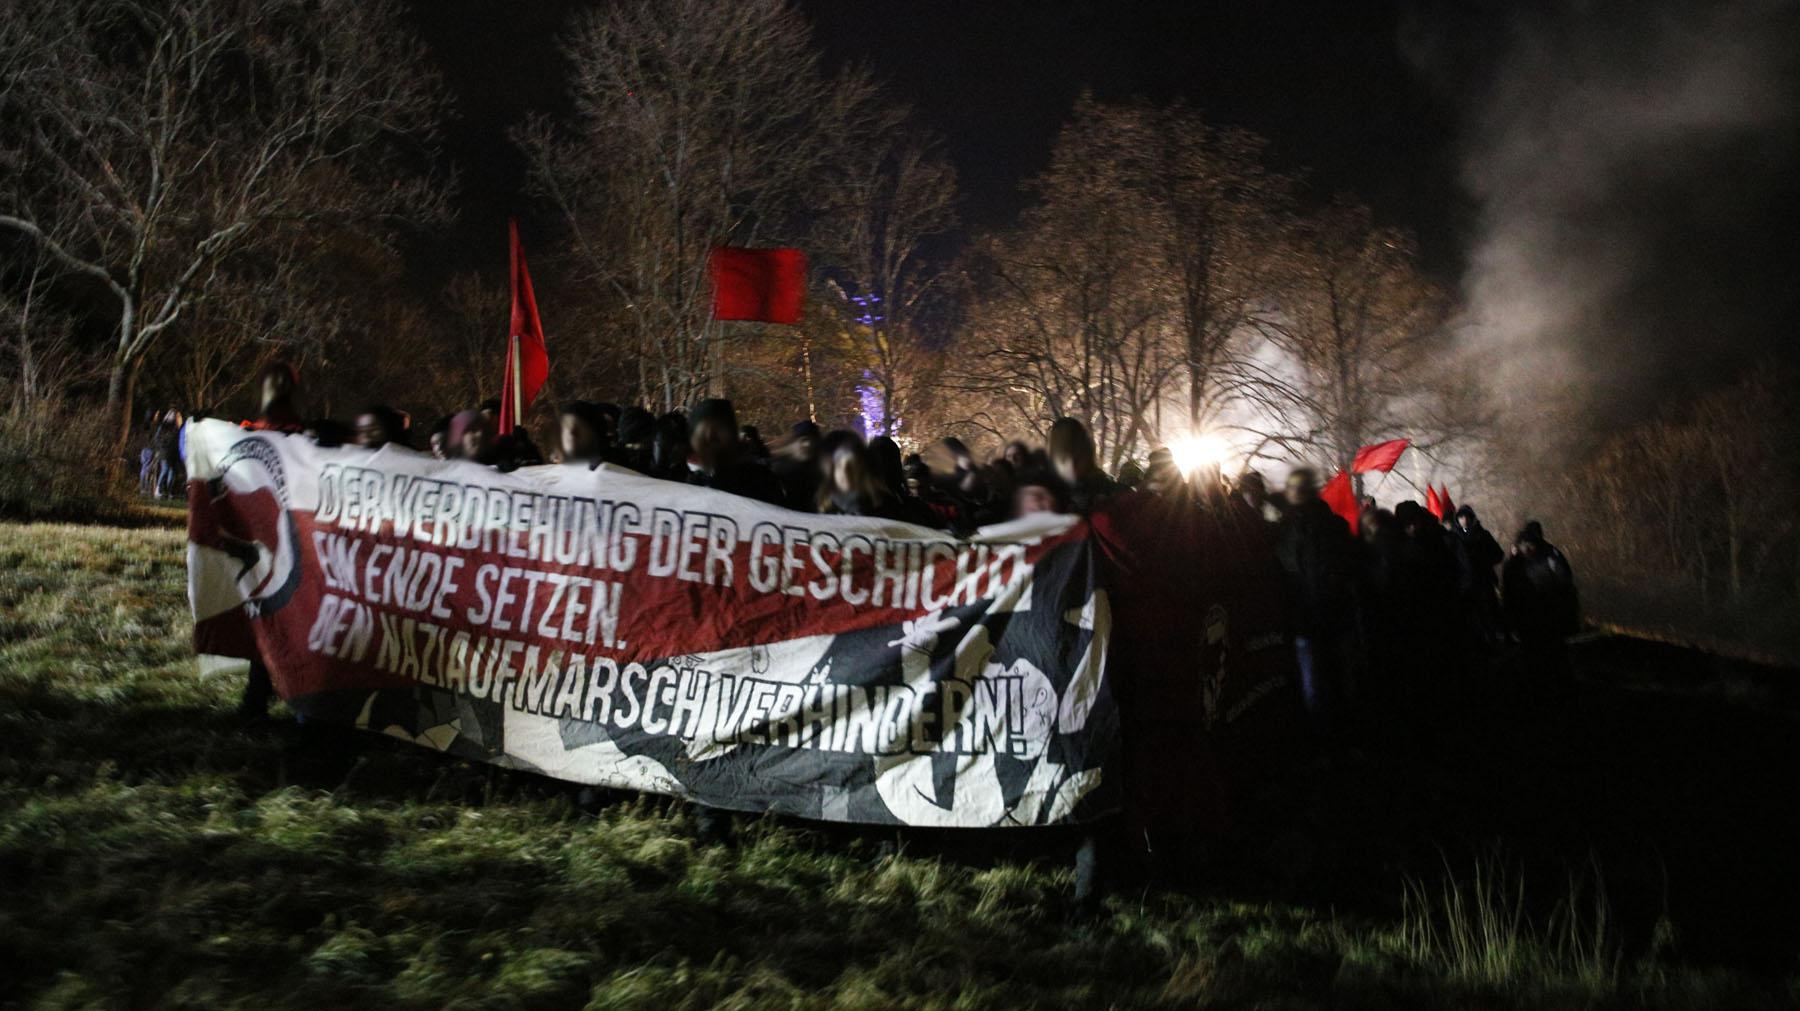 Nicht lange Fackeln – Bericht des AABS über die Aktionen gegen den Fackelmarsch in Pforzheim